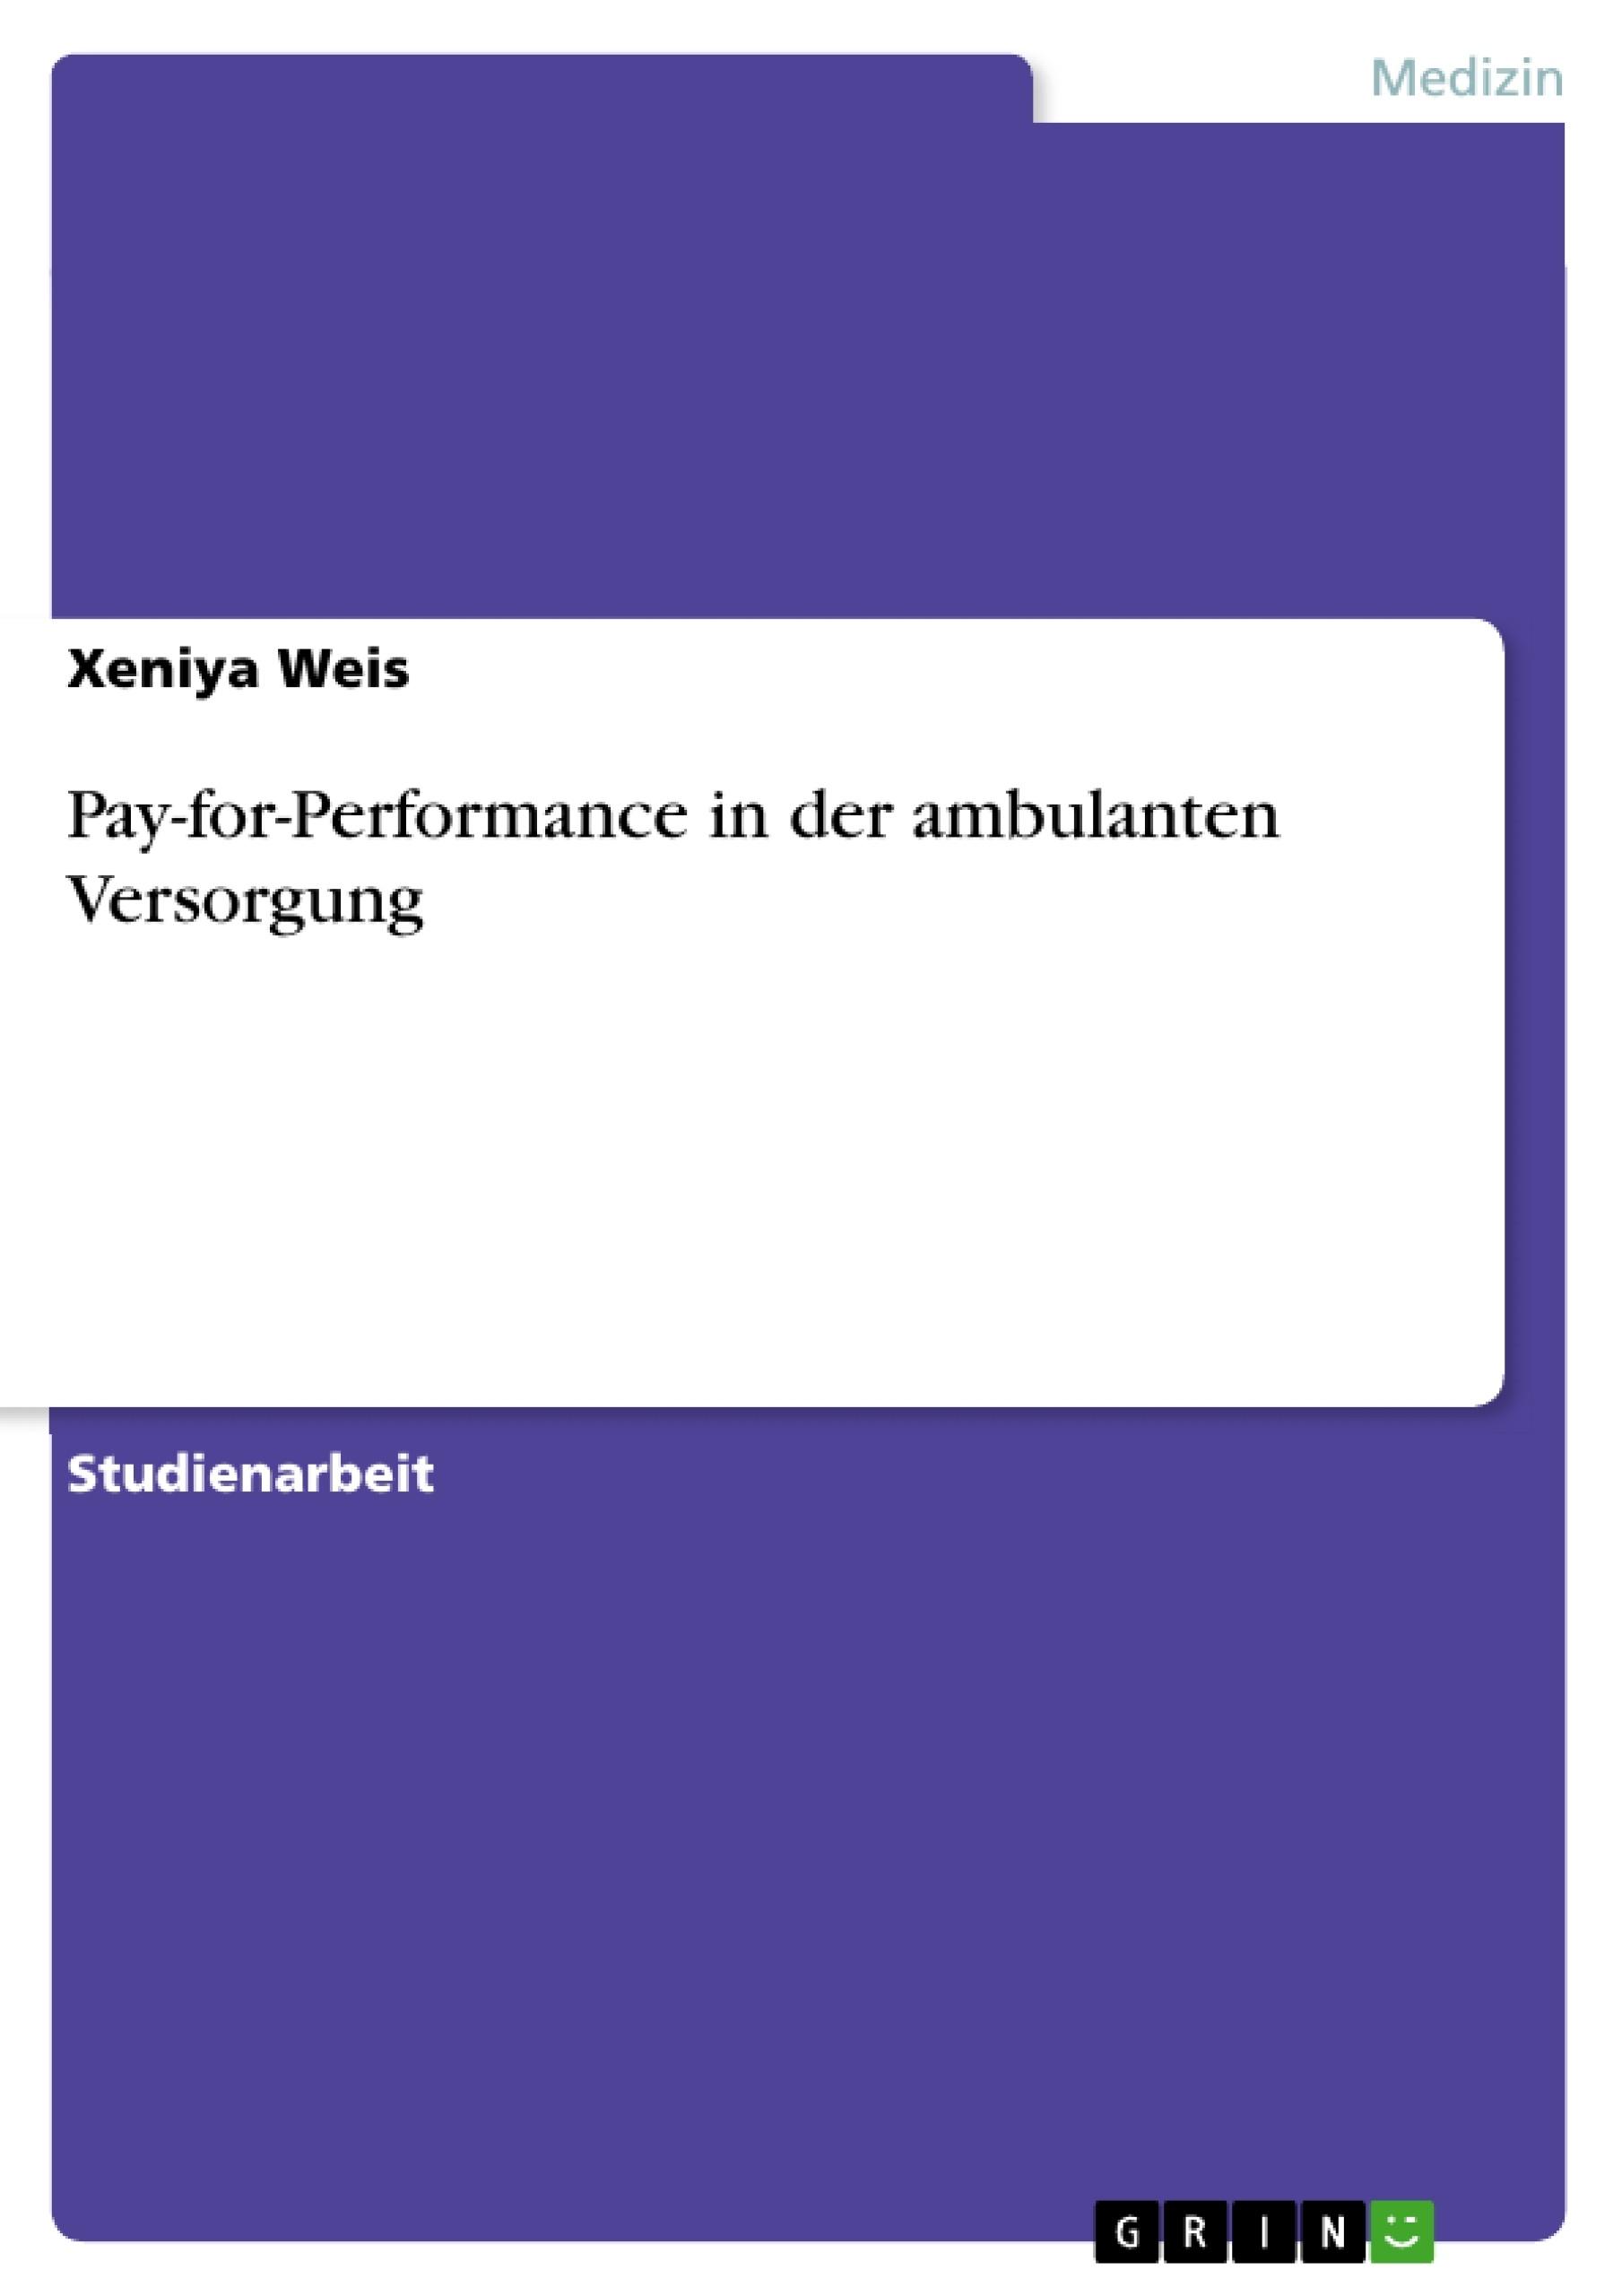 Titel: Pay-for-Performance in der ambulanten Versorgung